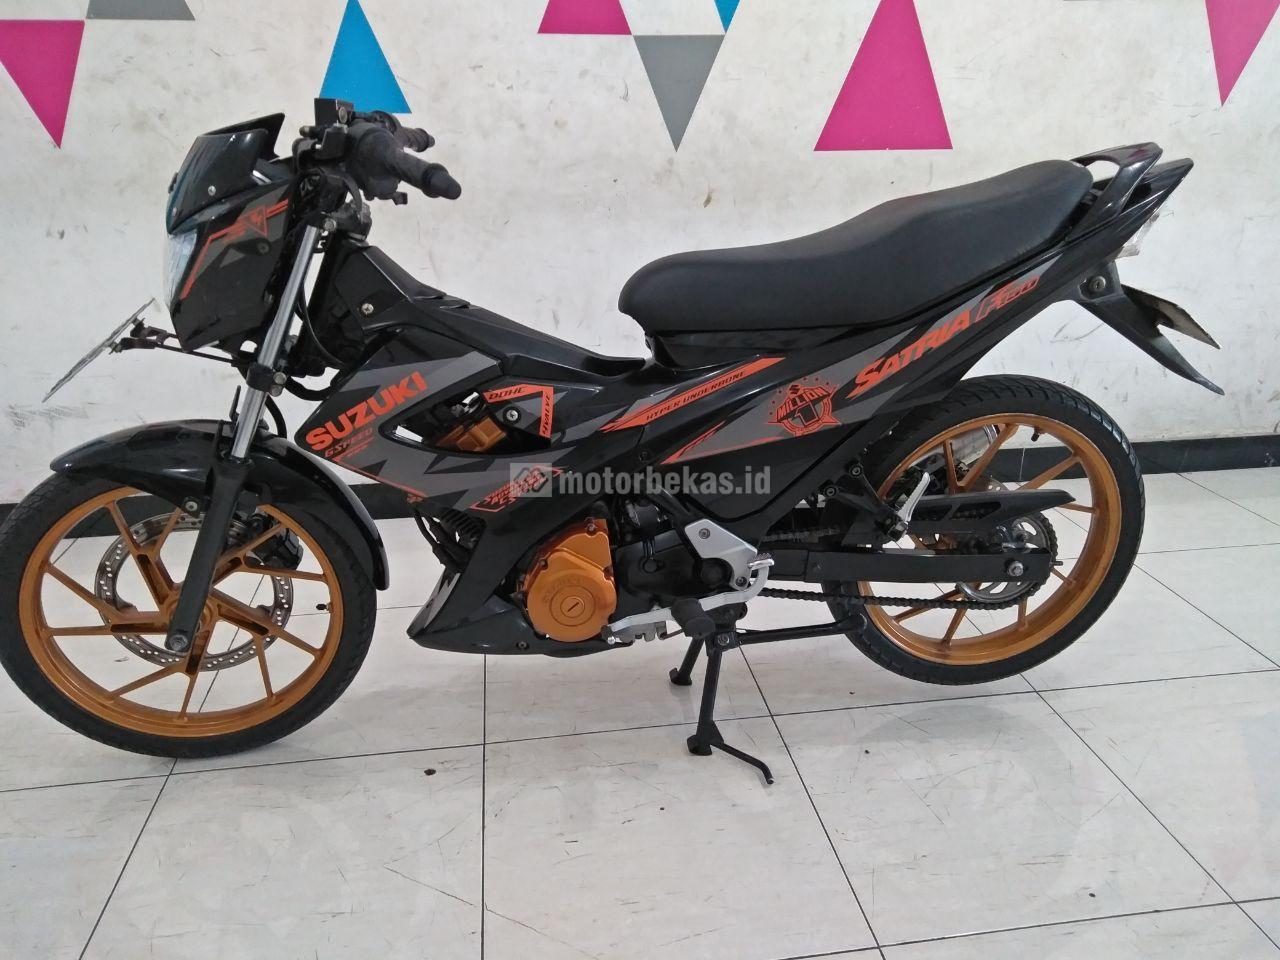 SUZUKI SATRIA 150  3076 motorbekas.id